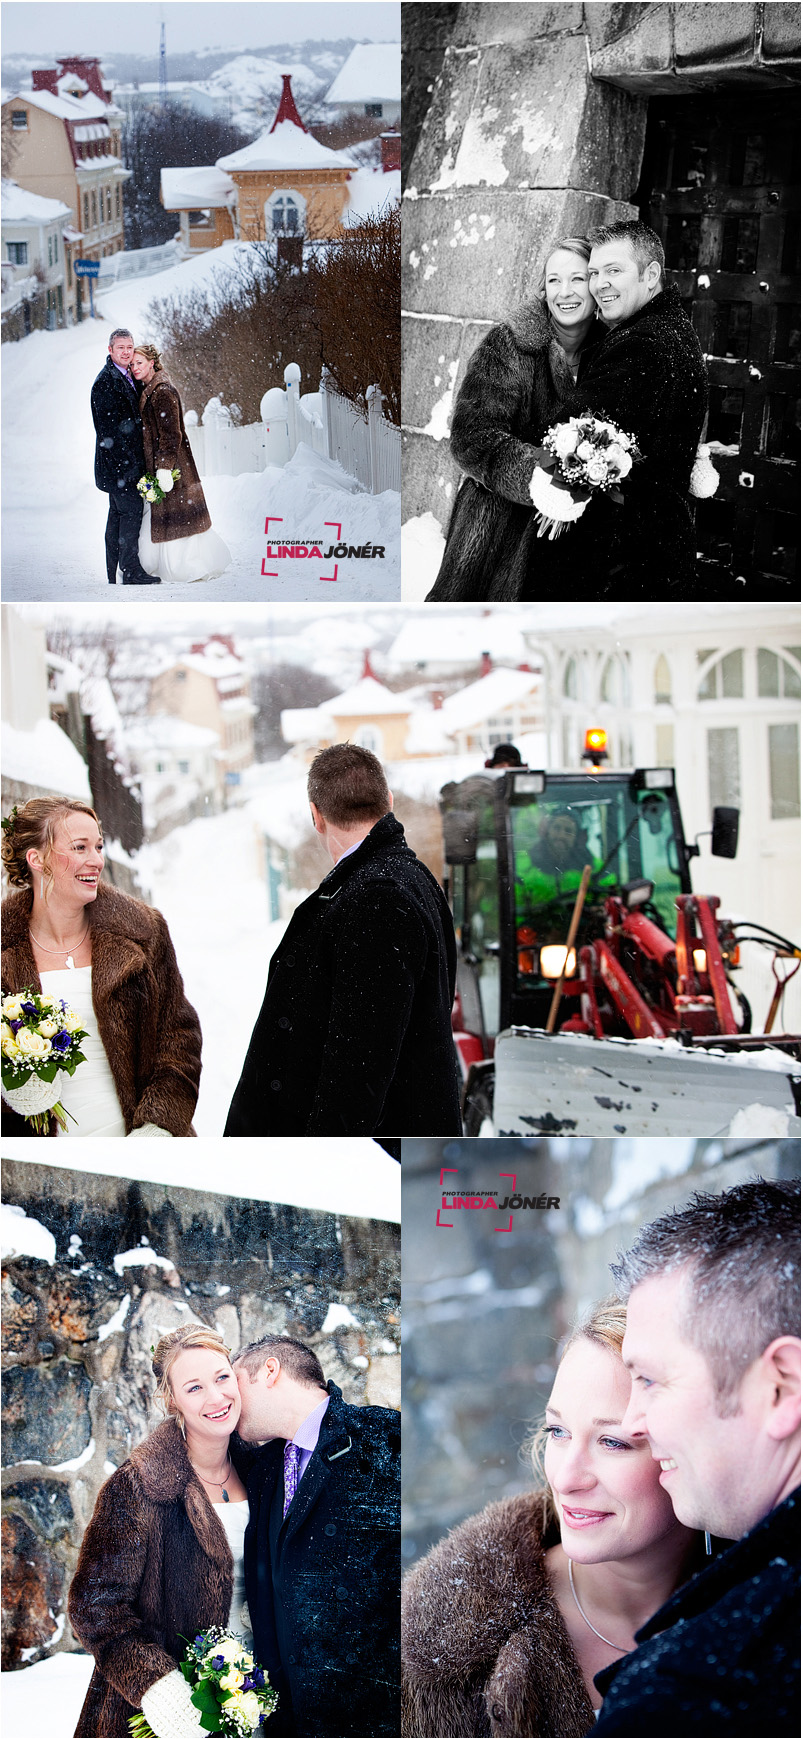 Jenny och Johan i snöstorm 2